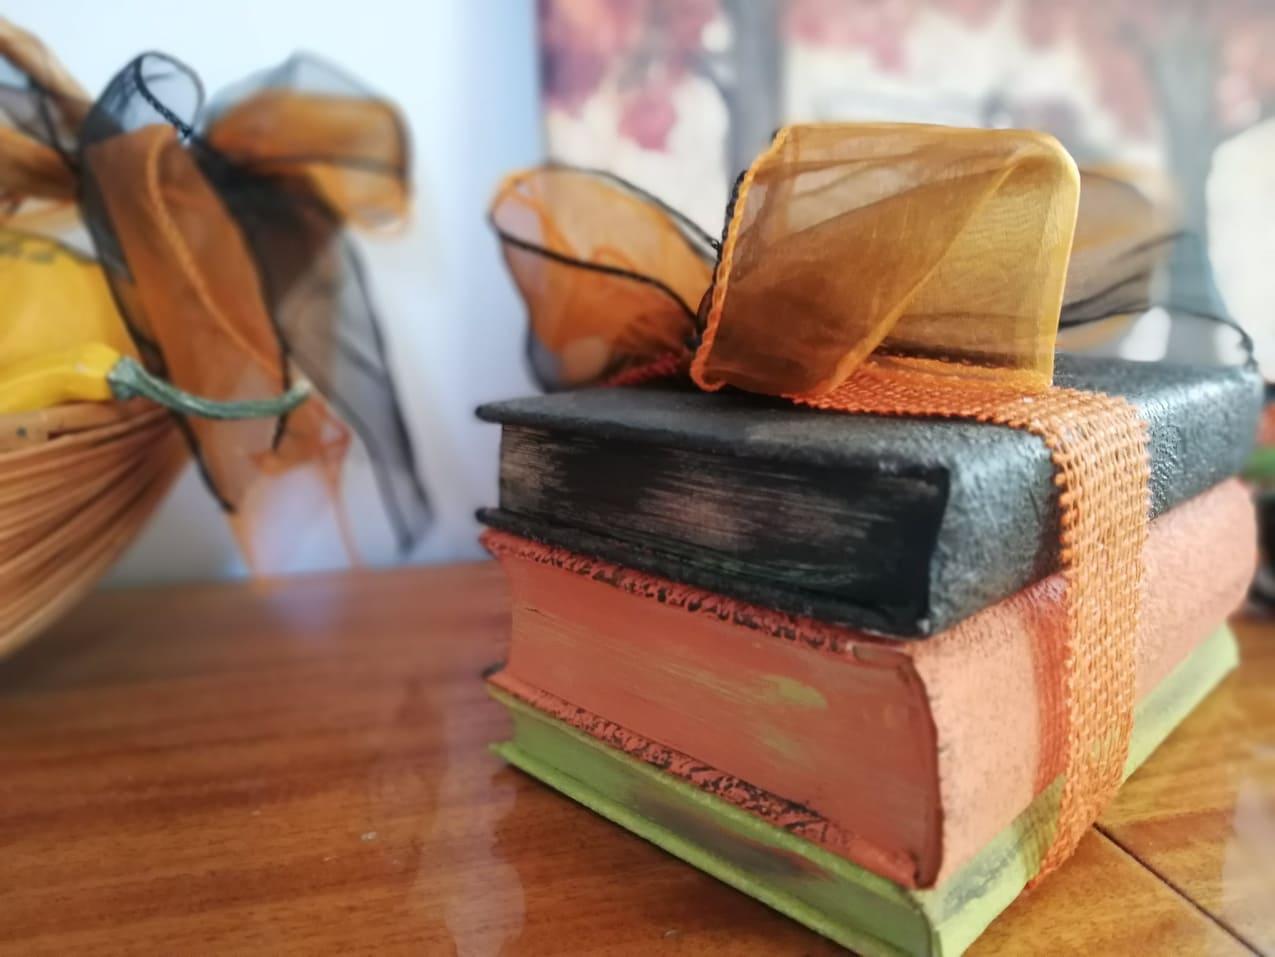 Redizajnujeme, maľujeme, tvoríme - knihy namaľované kriedovými farbami